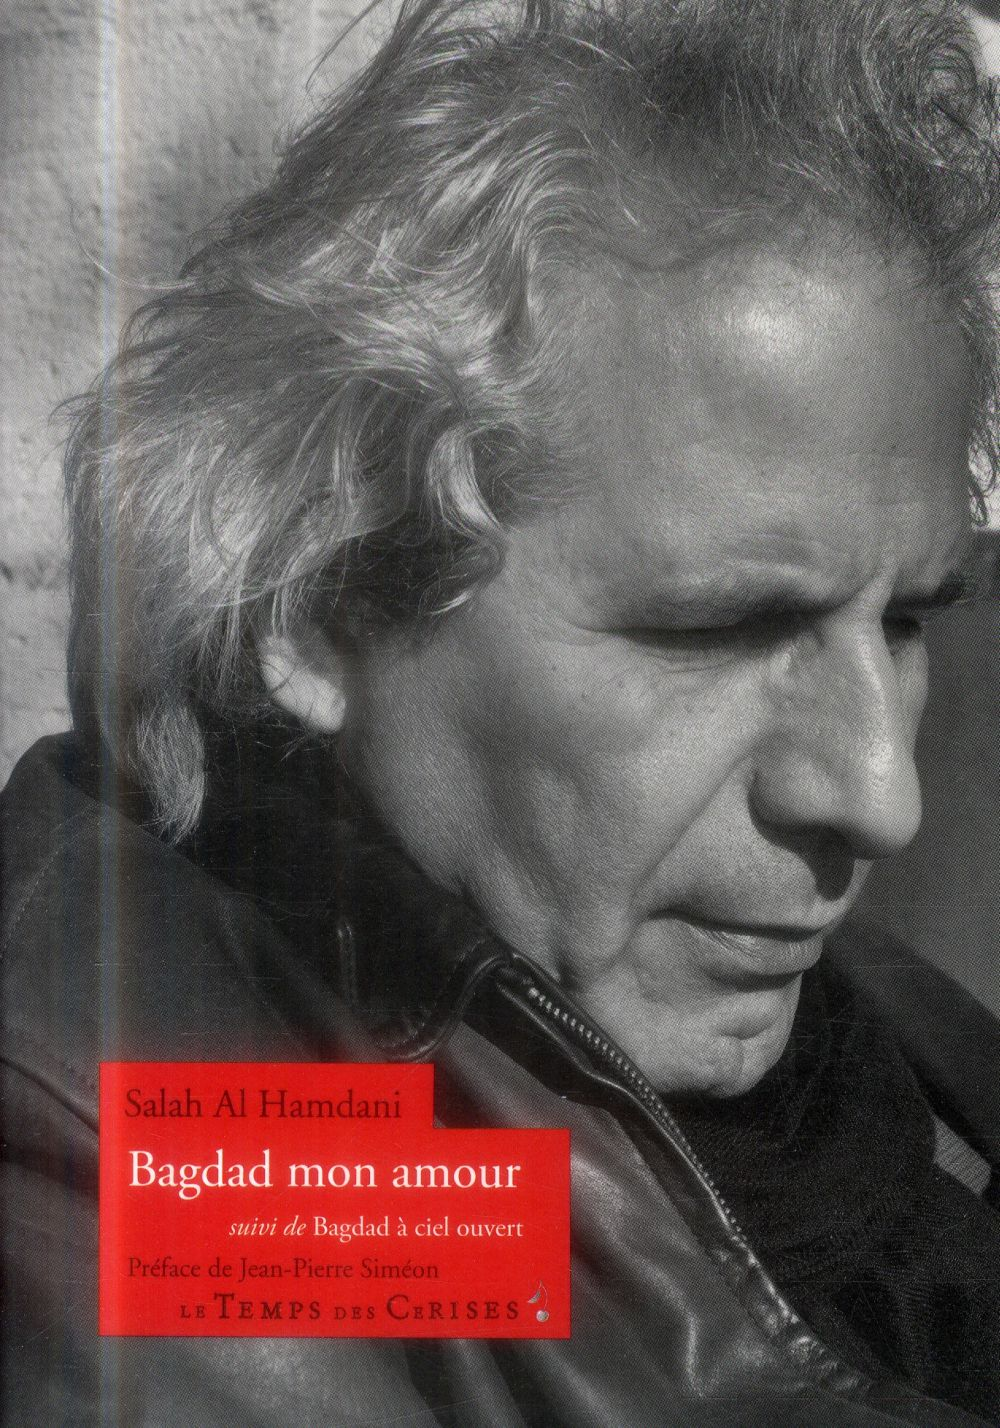 Bagdad mon amour. suivi de Bagdad à ciel ouvert | Hamdani, Salah al-. Auteur